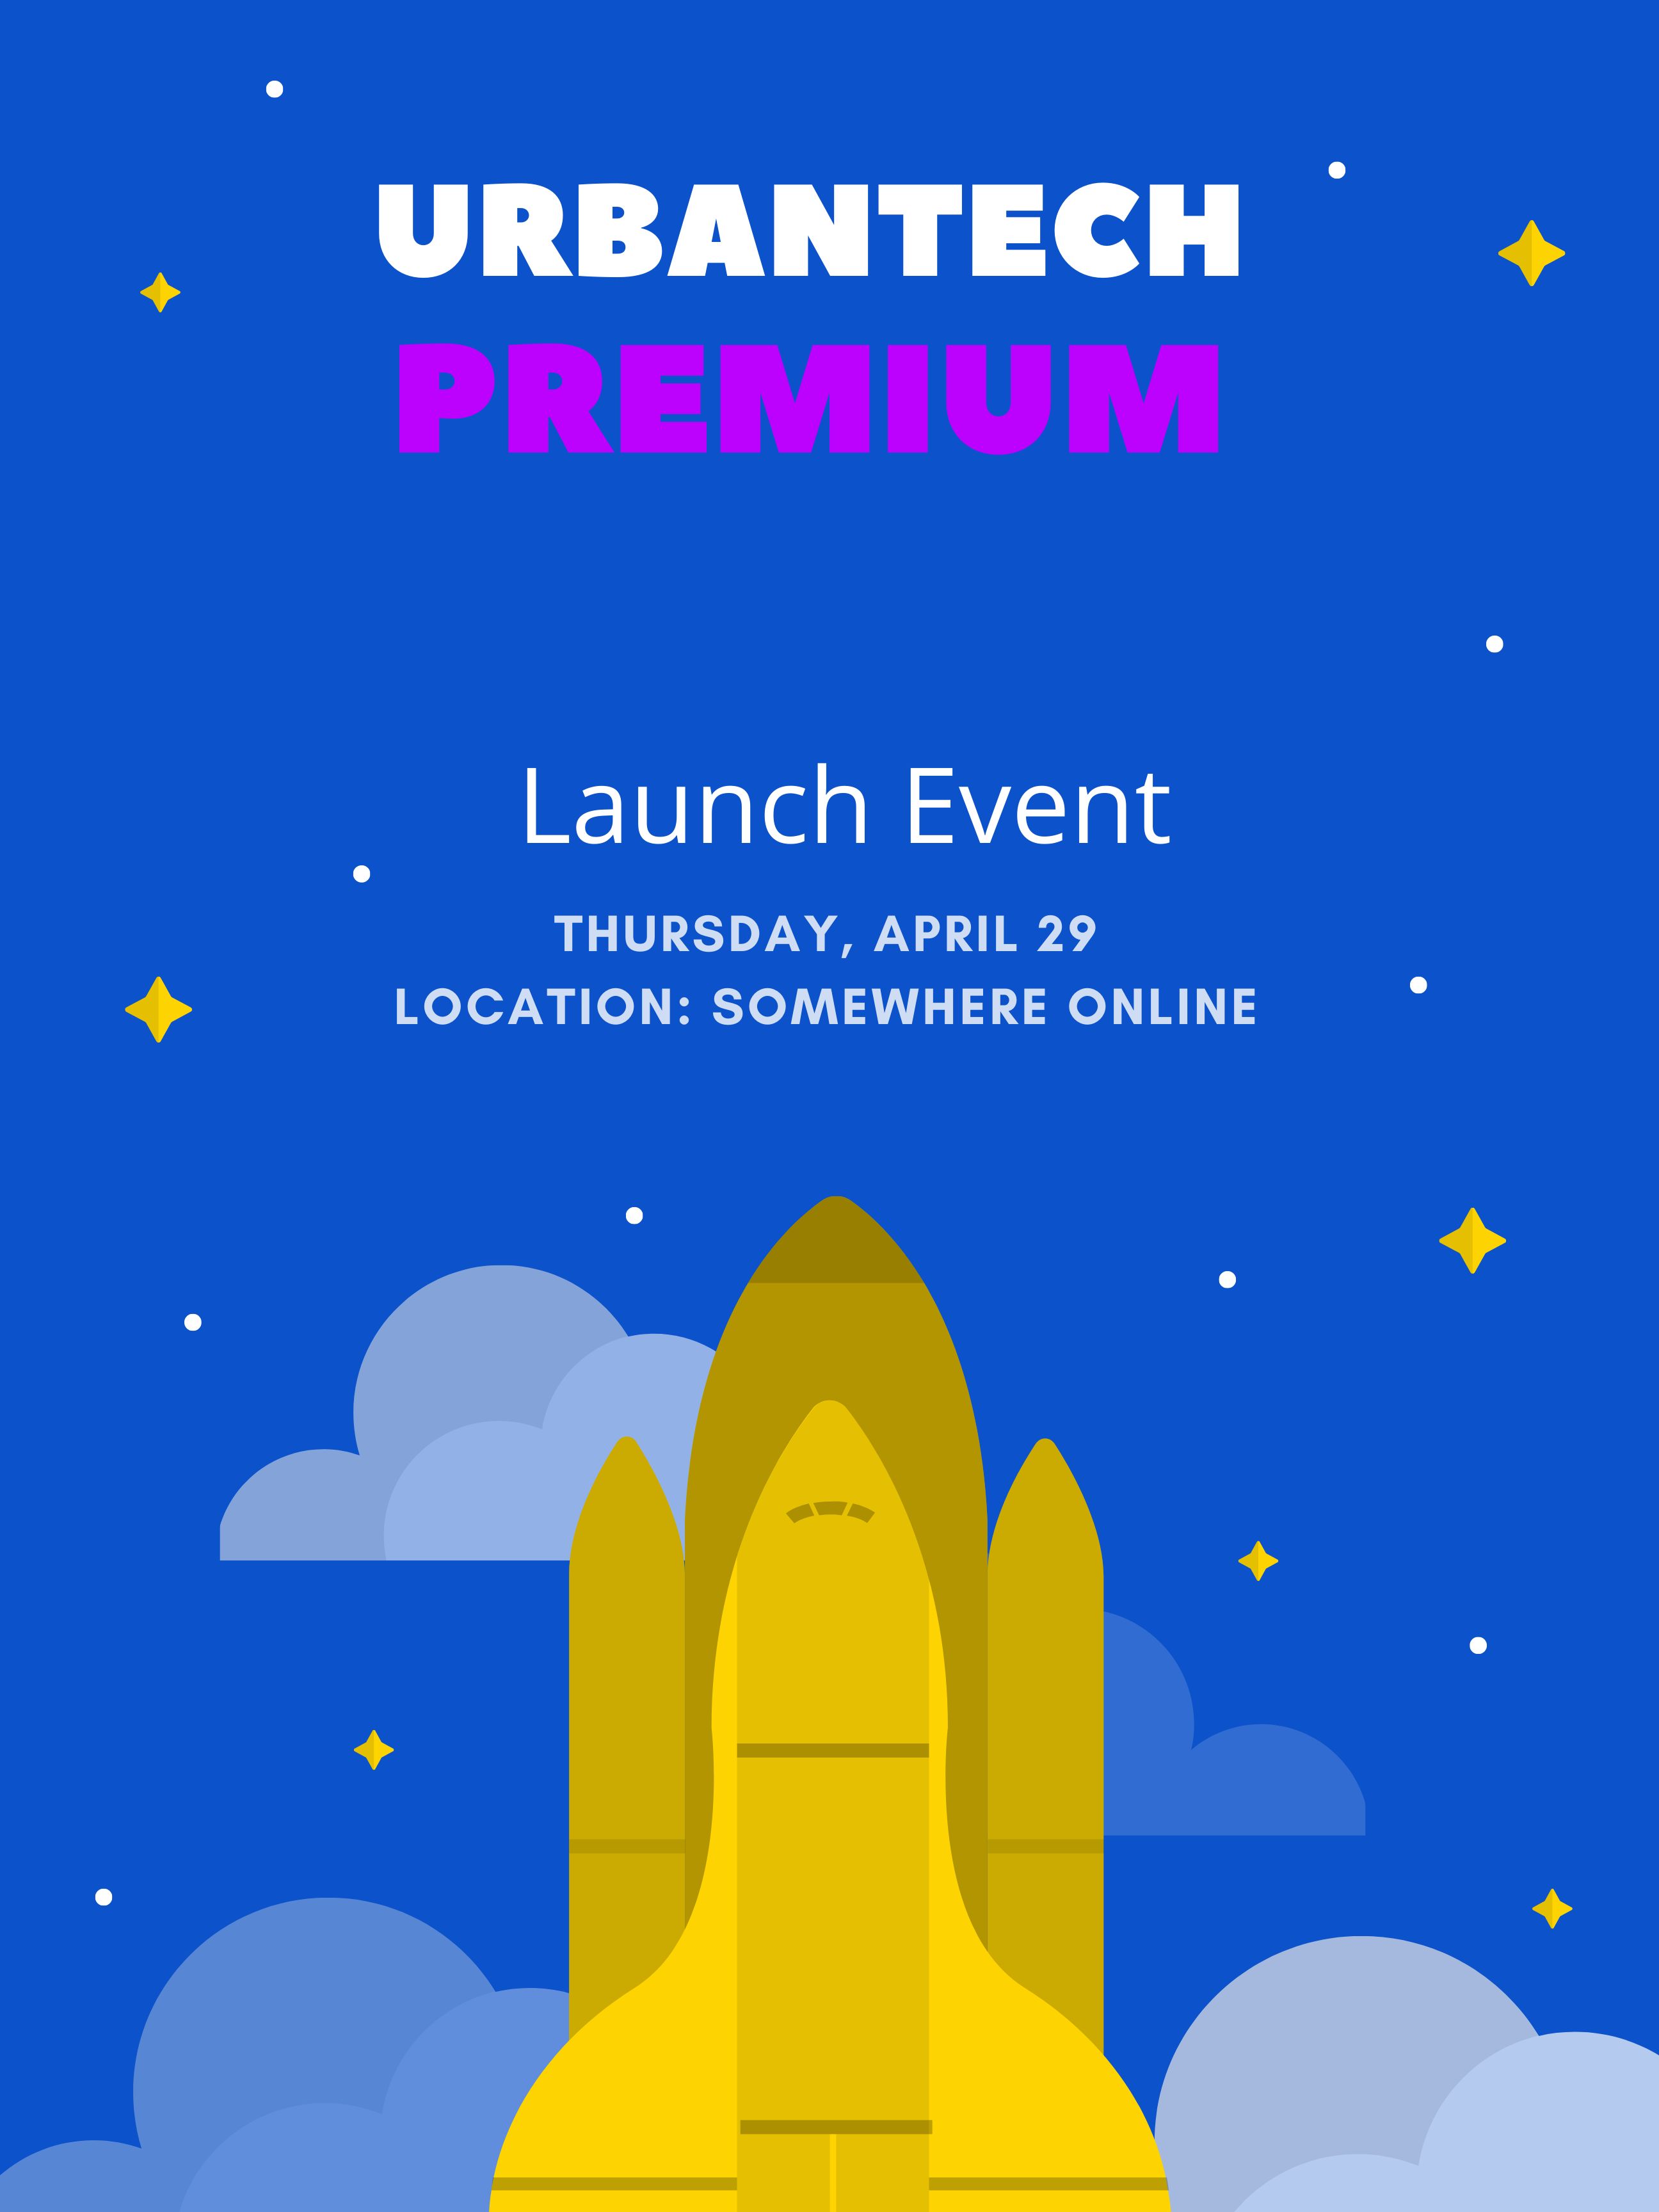 UrbanTech Premium Launch Event